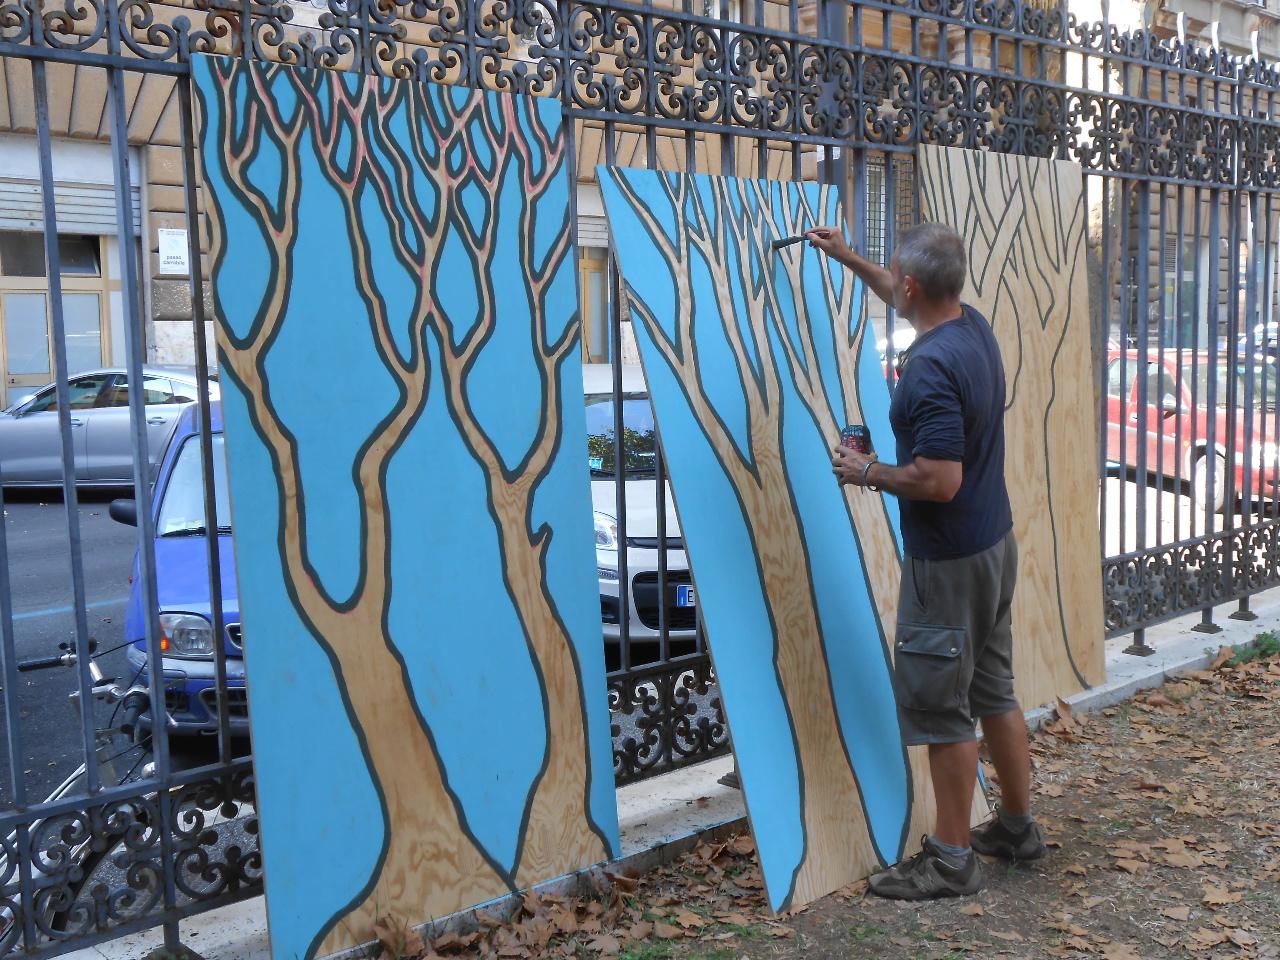 Cantiere dei Poeti, uno degli artisti, Massimo Livadiotti, ultima la propria opera